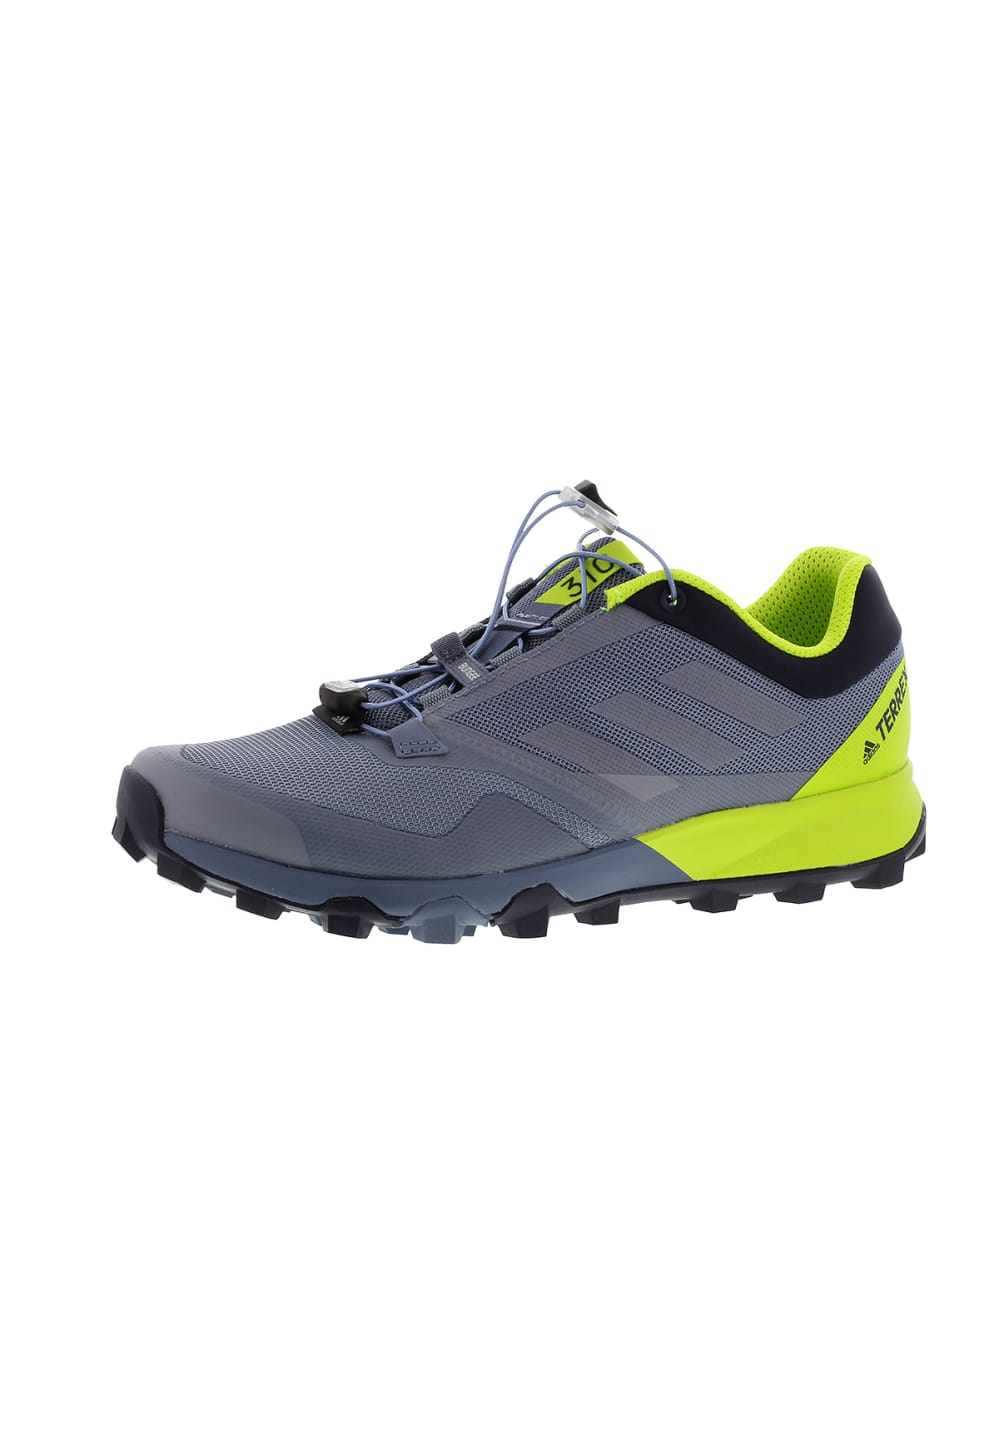 adidas TERREX Terrex Trail Maker - Laufschuhe für Herren - Grau